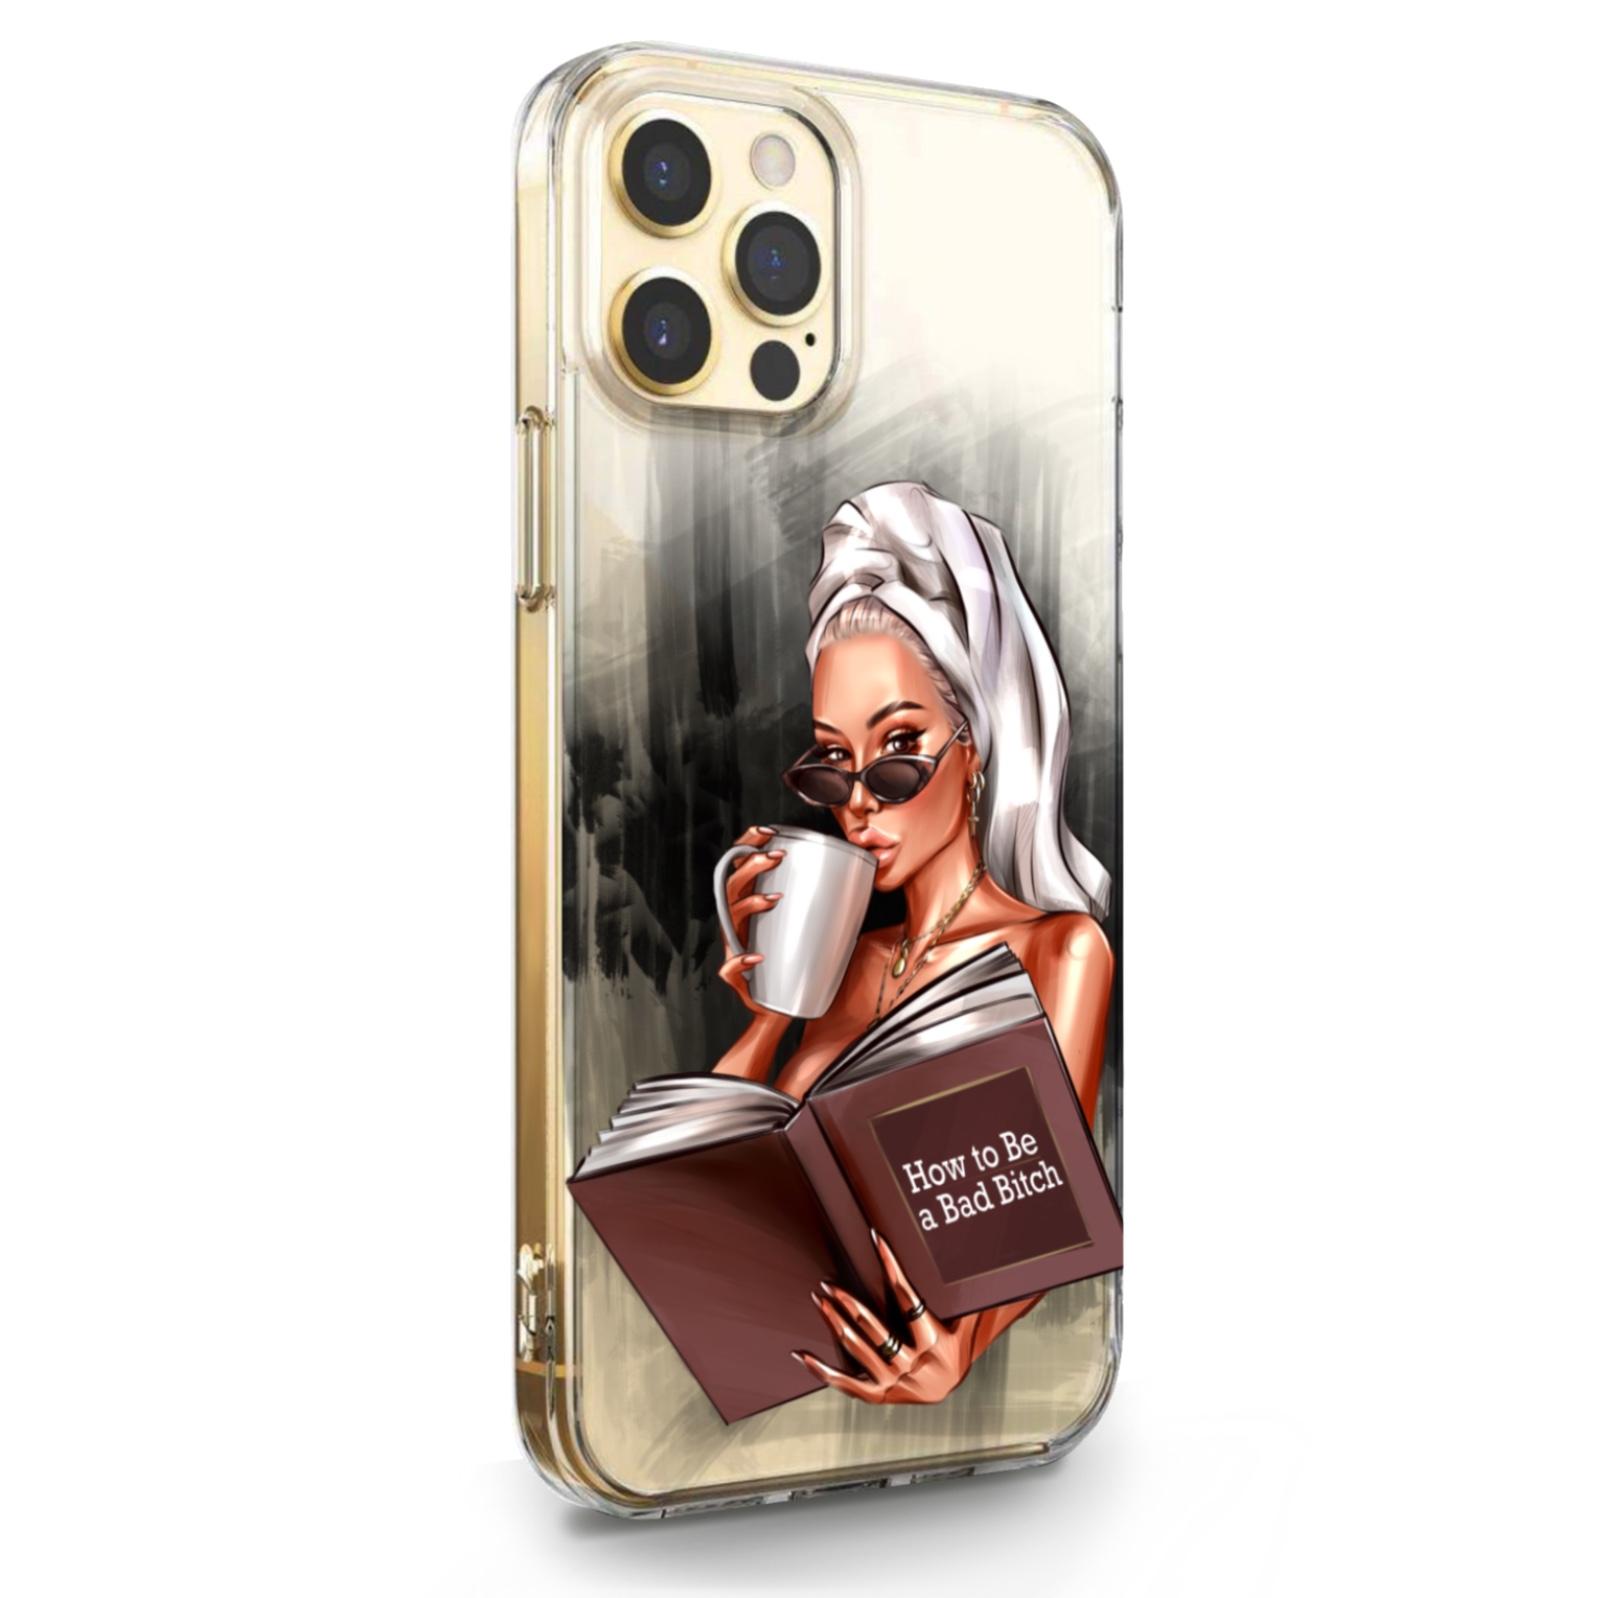 Прозрачный силиконовый чехол для iPhone 12/12 Pro How to be a bad Bitch для Айфон 12/12 Про